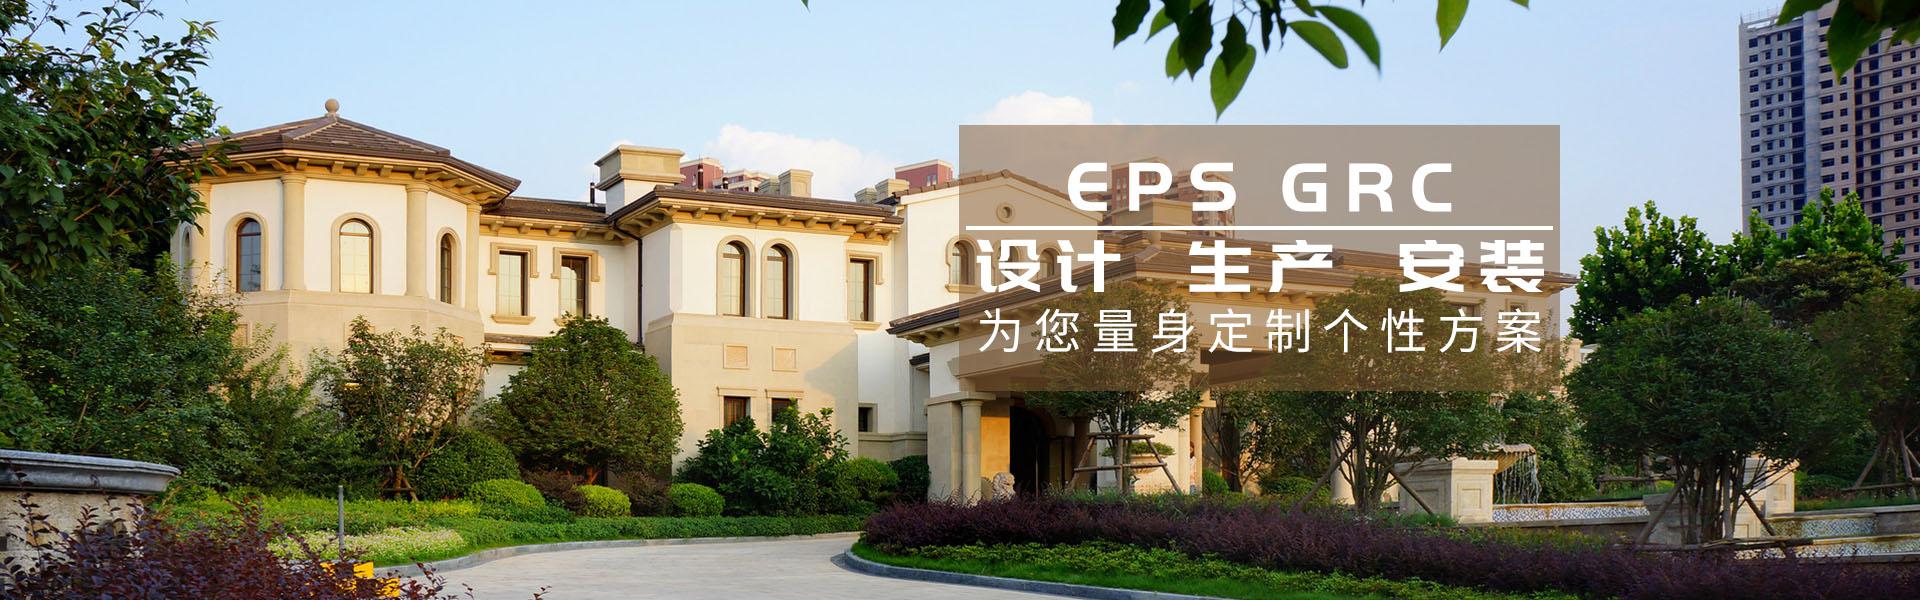 福州eps